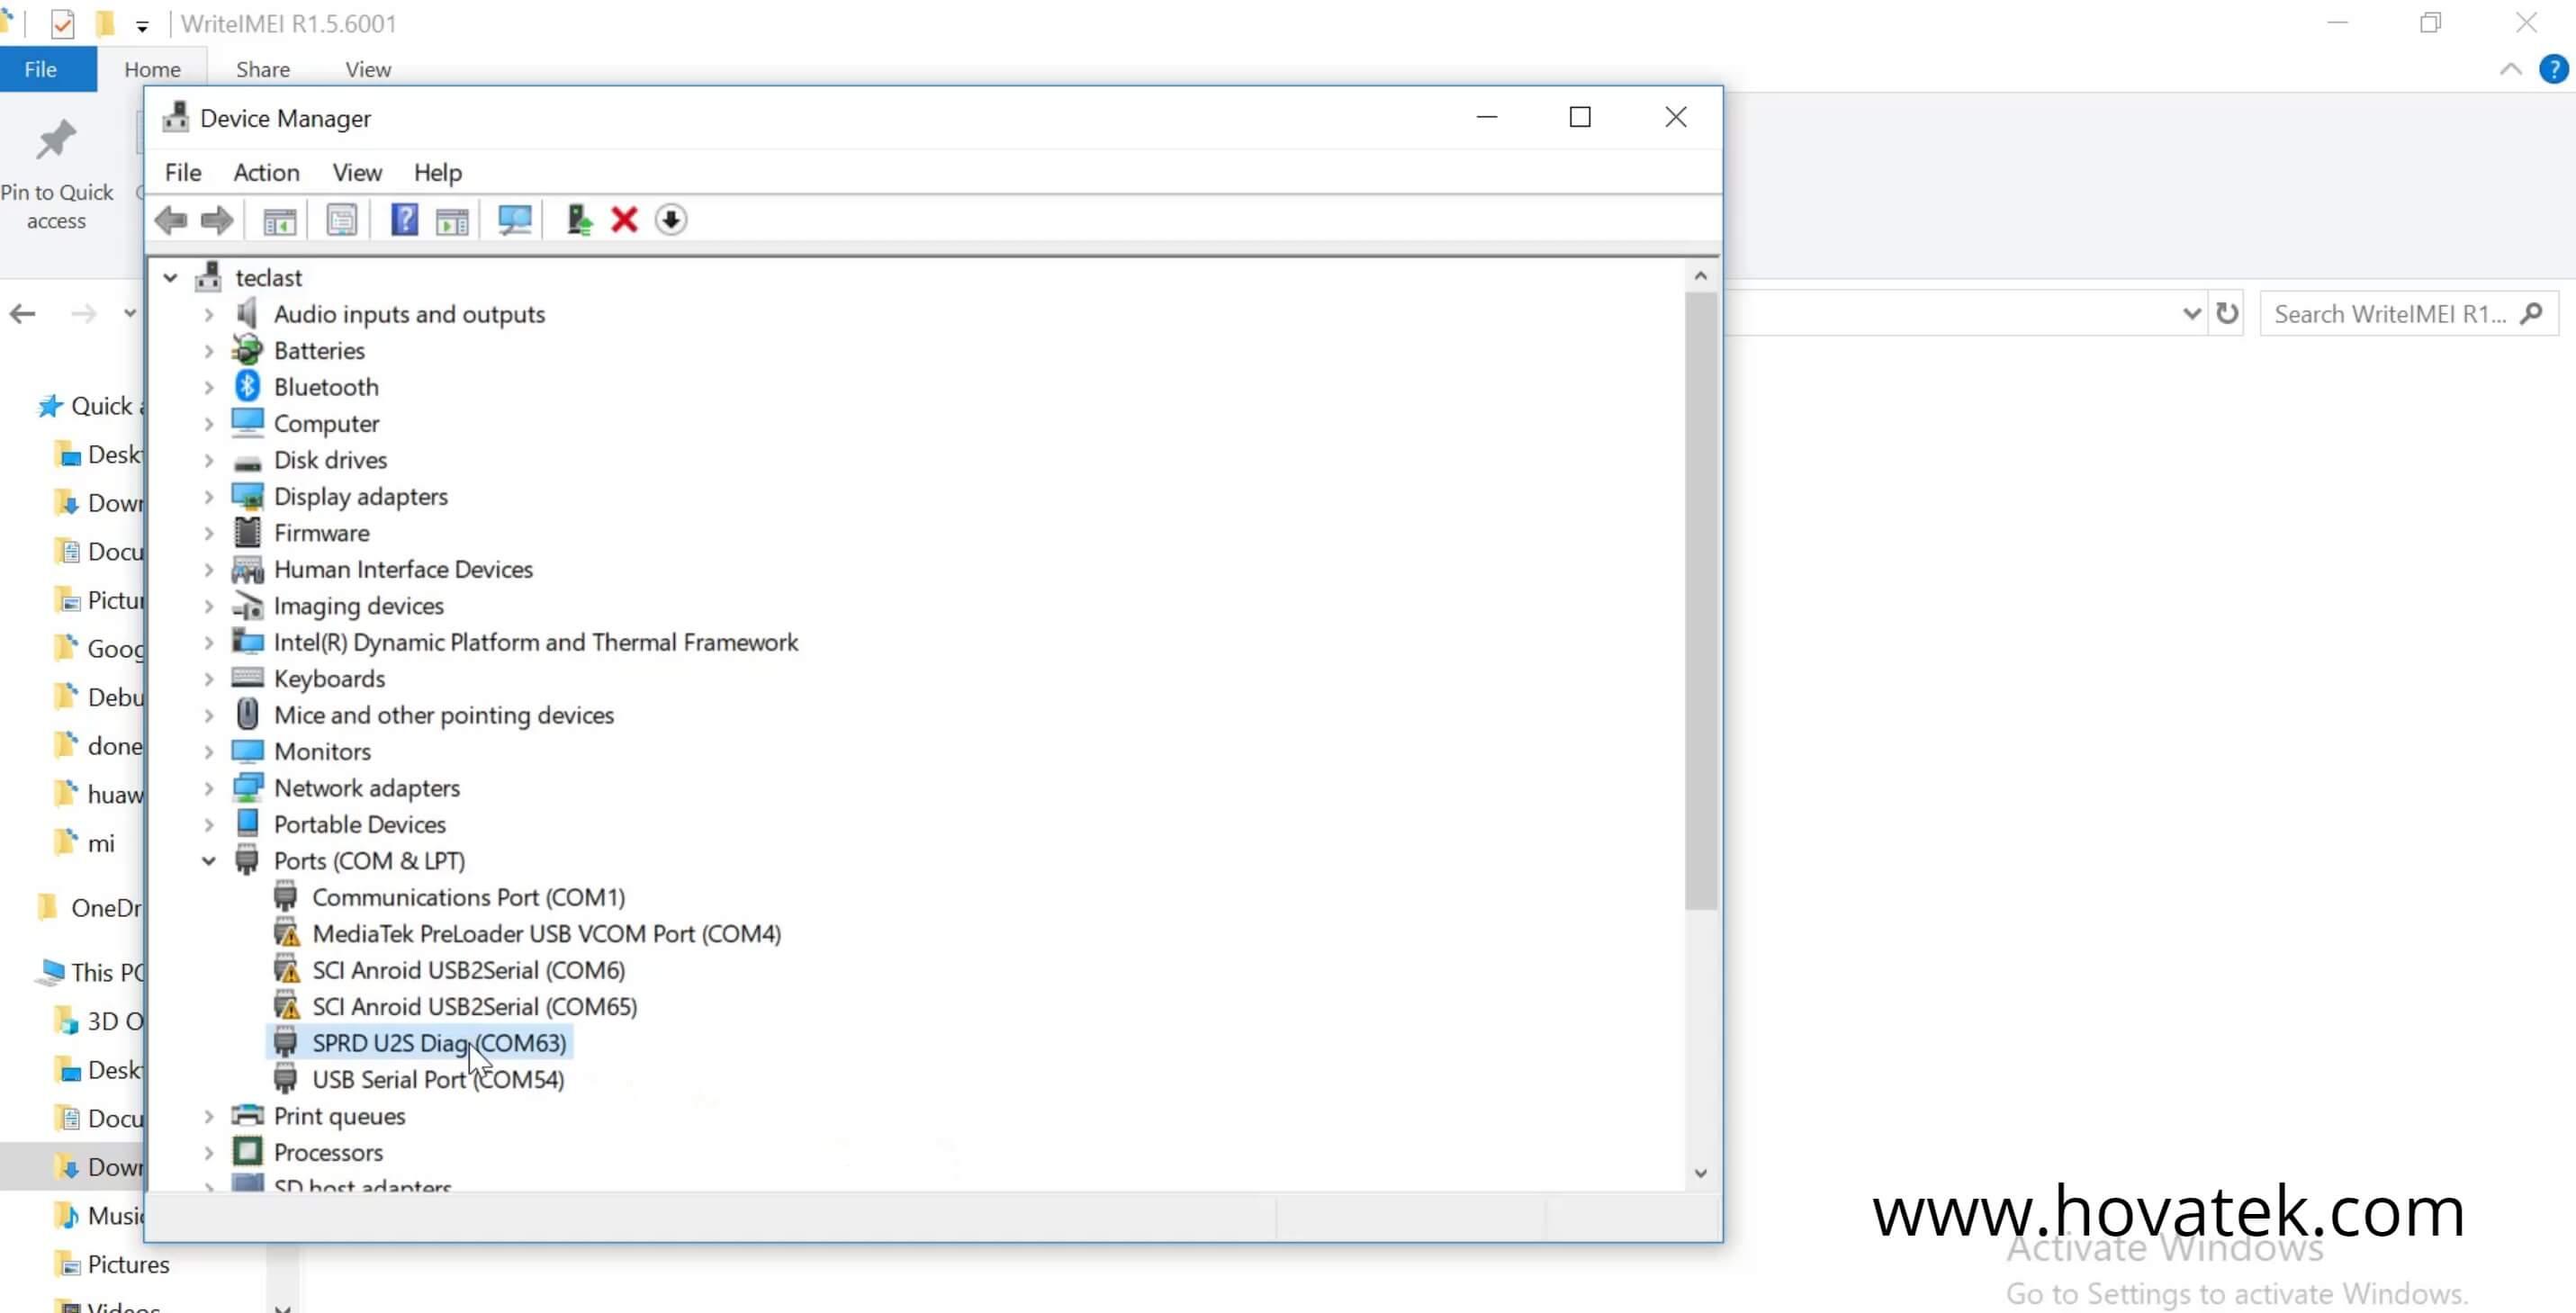 How to use WriteIMEI tool to write IMEI to Unisoc